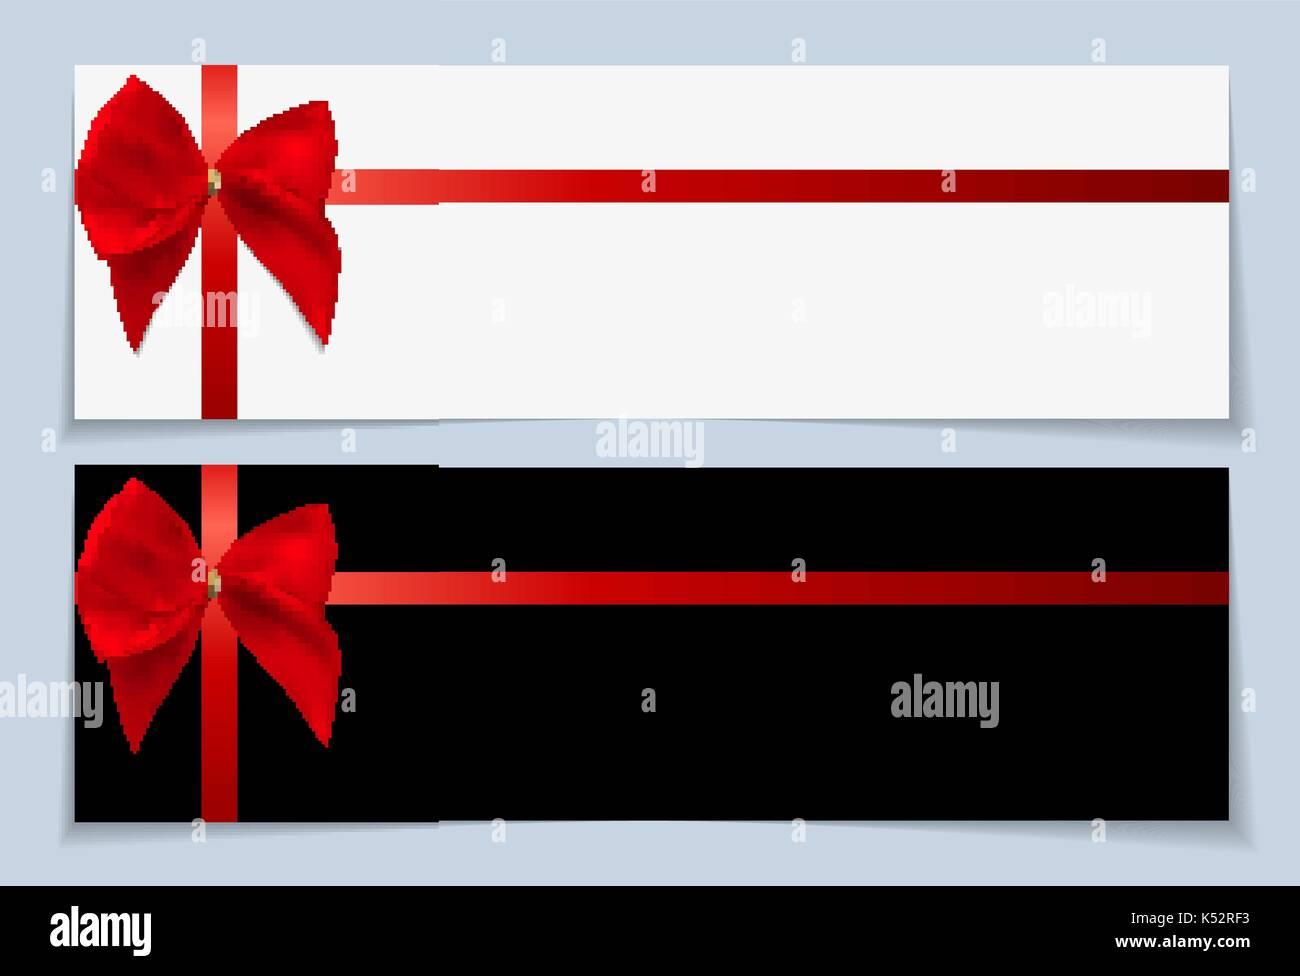 Großartig Anpassbare Geschenkgutschein Vorlage Ideen - Beispiel ...